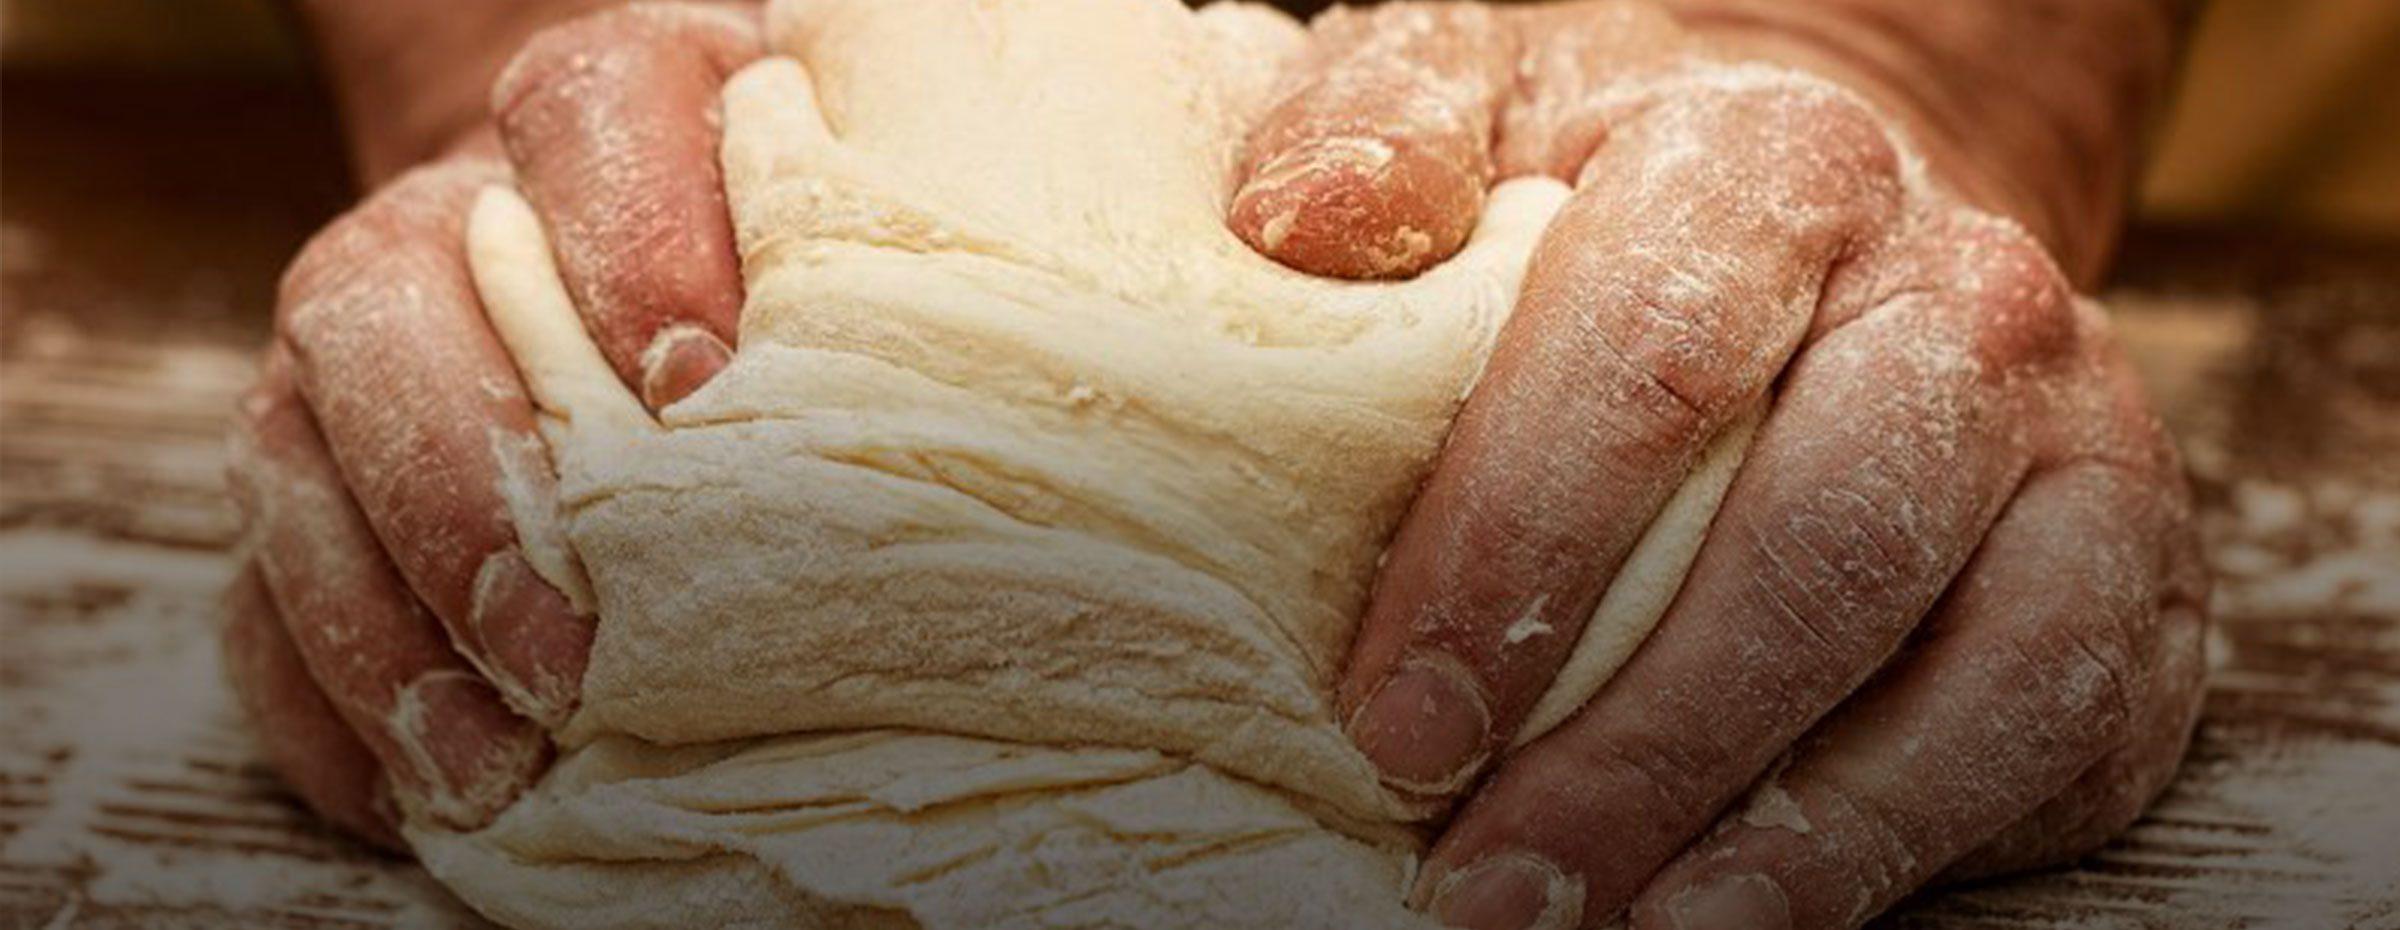 Bäckerhandwerk in der vierten Generation